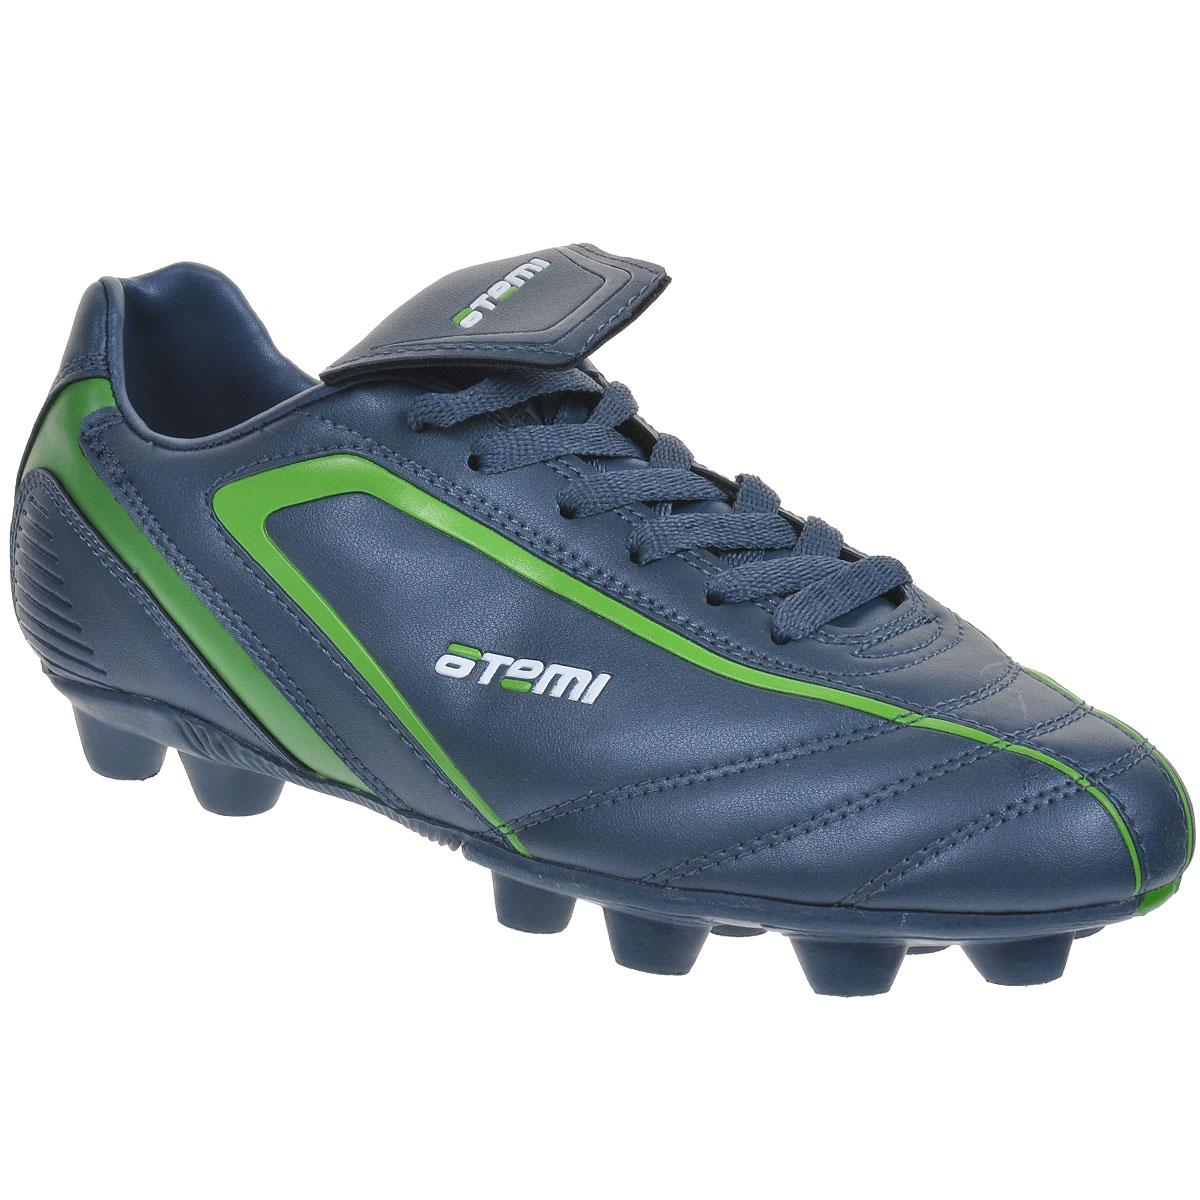 Бутсы футбольные MSR, мужские, 14 шипов. SD500